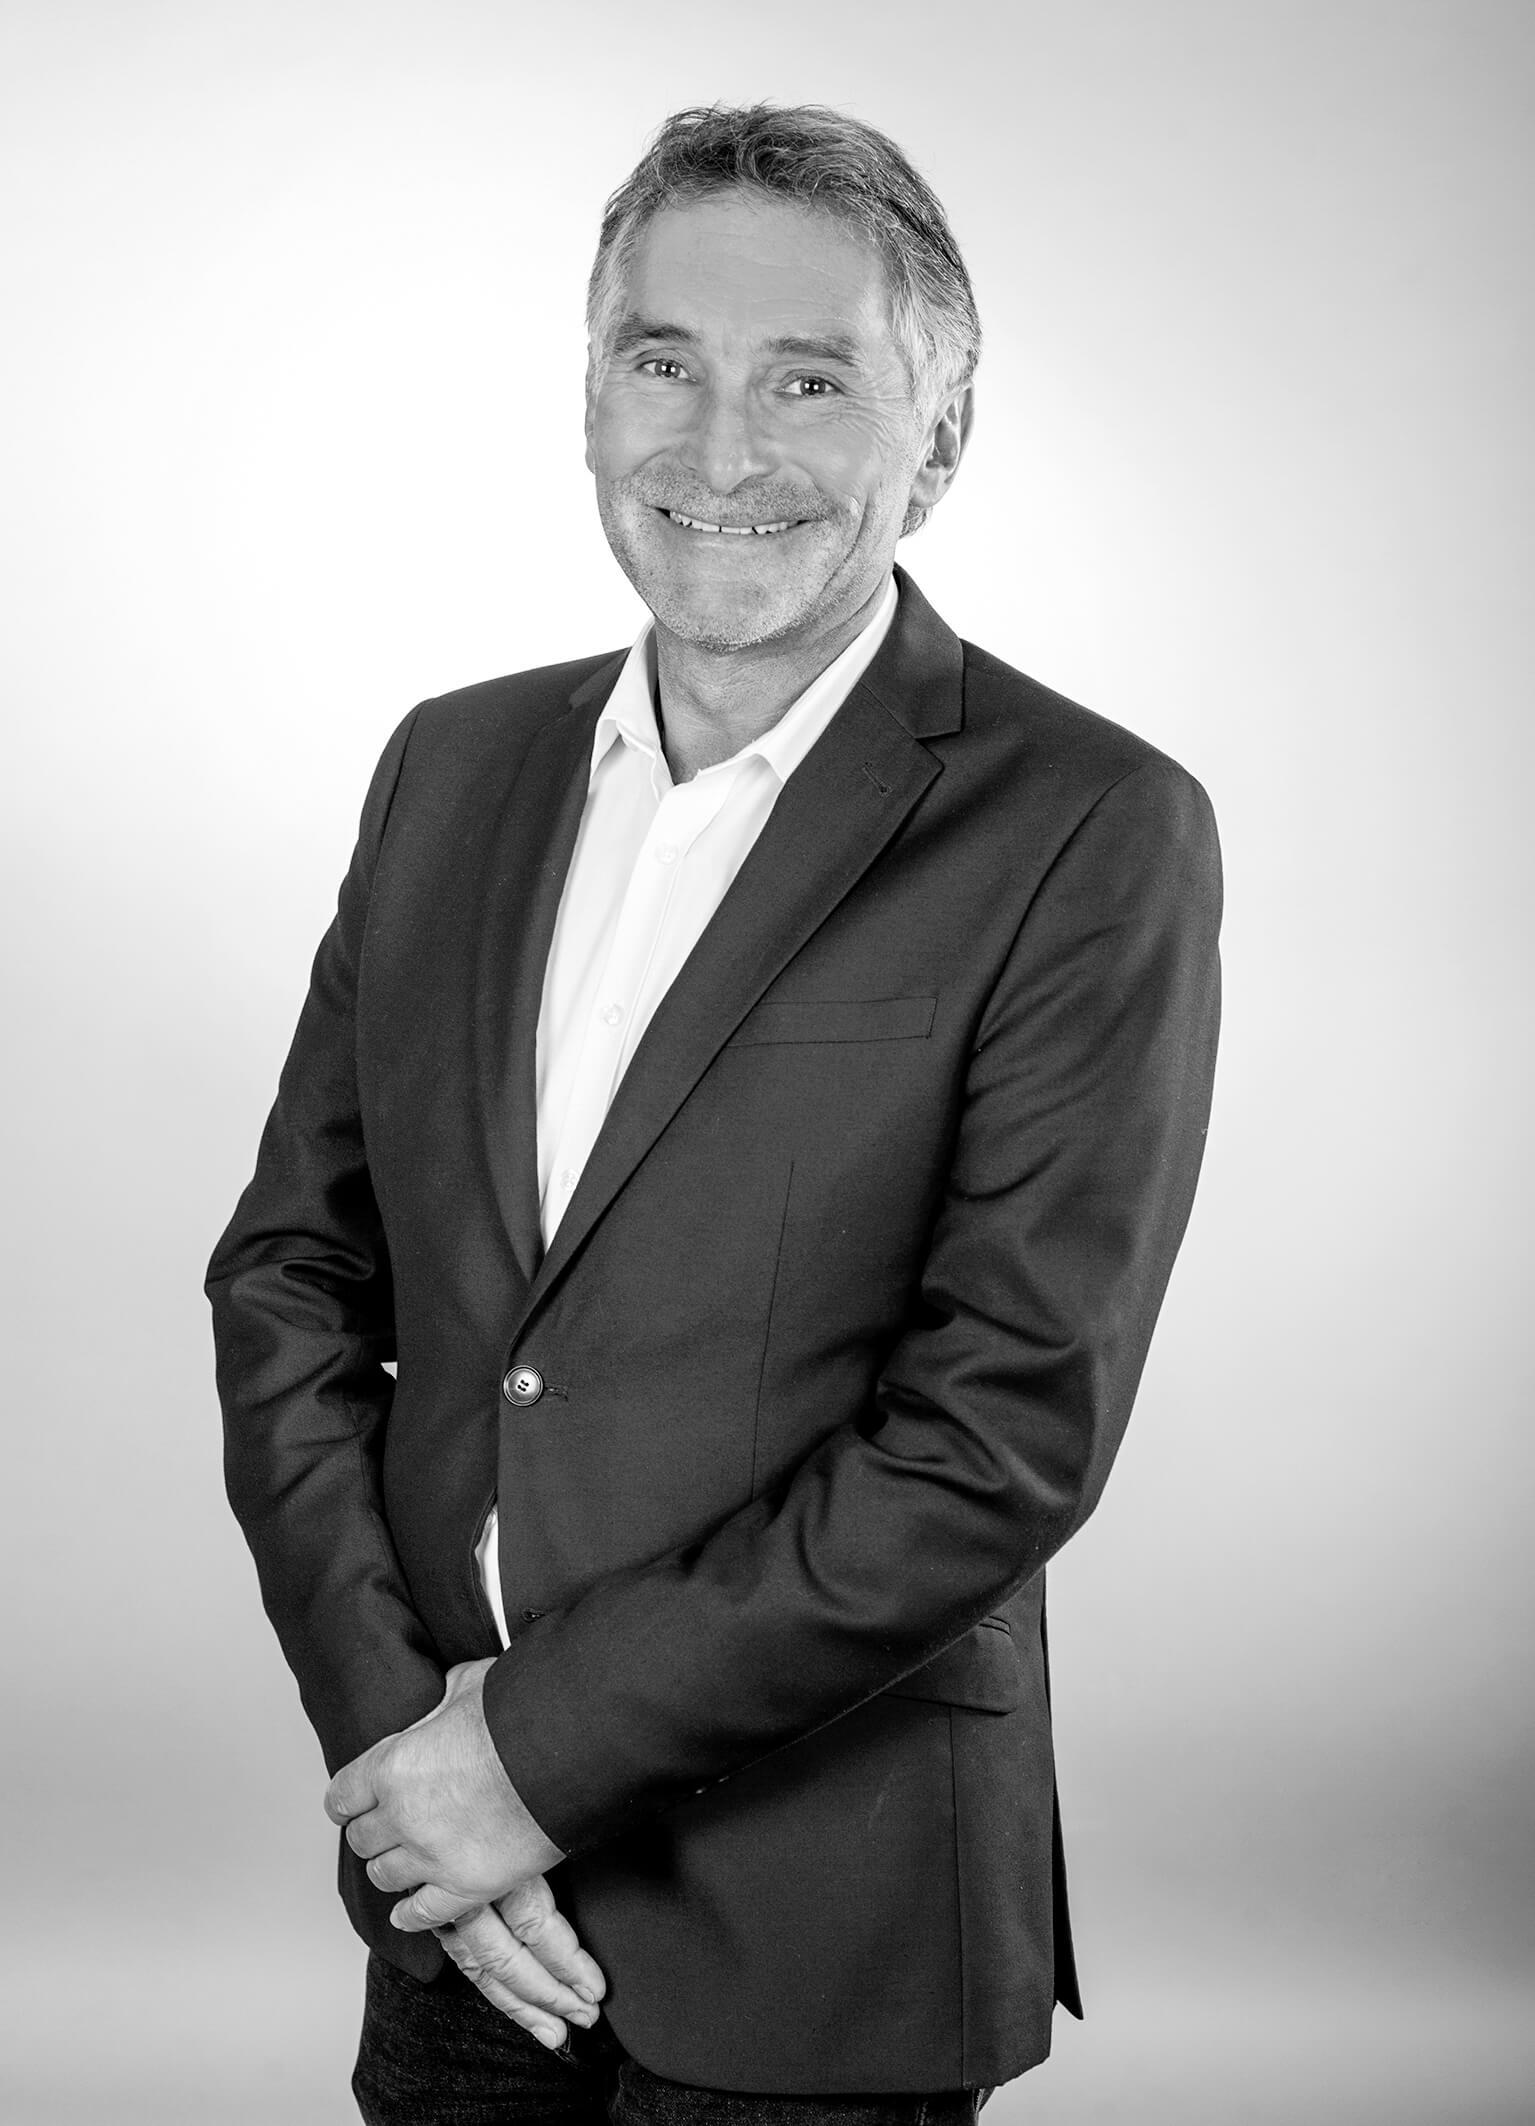 Wolfgang Moretti